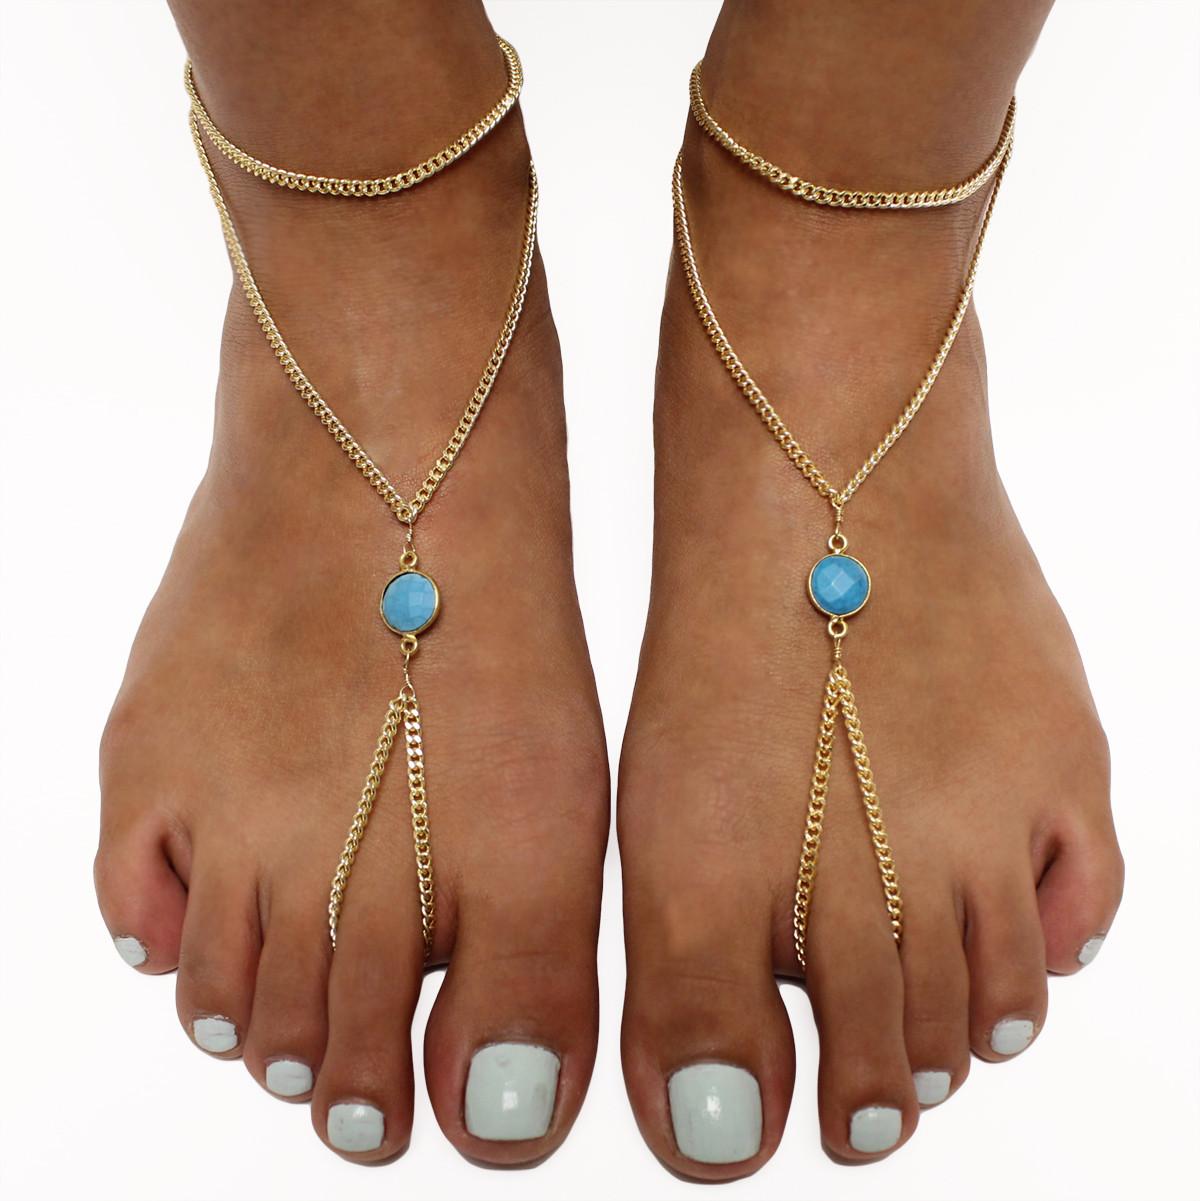 Gemstone Foot Chain